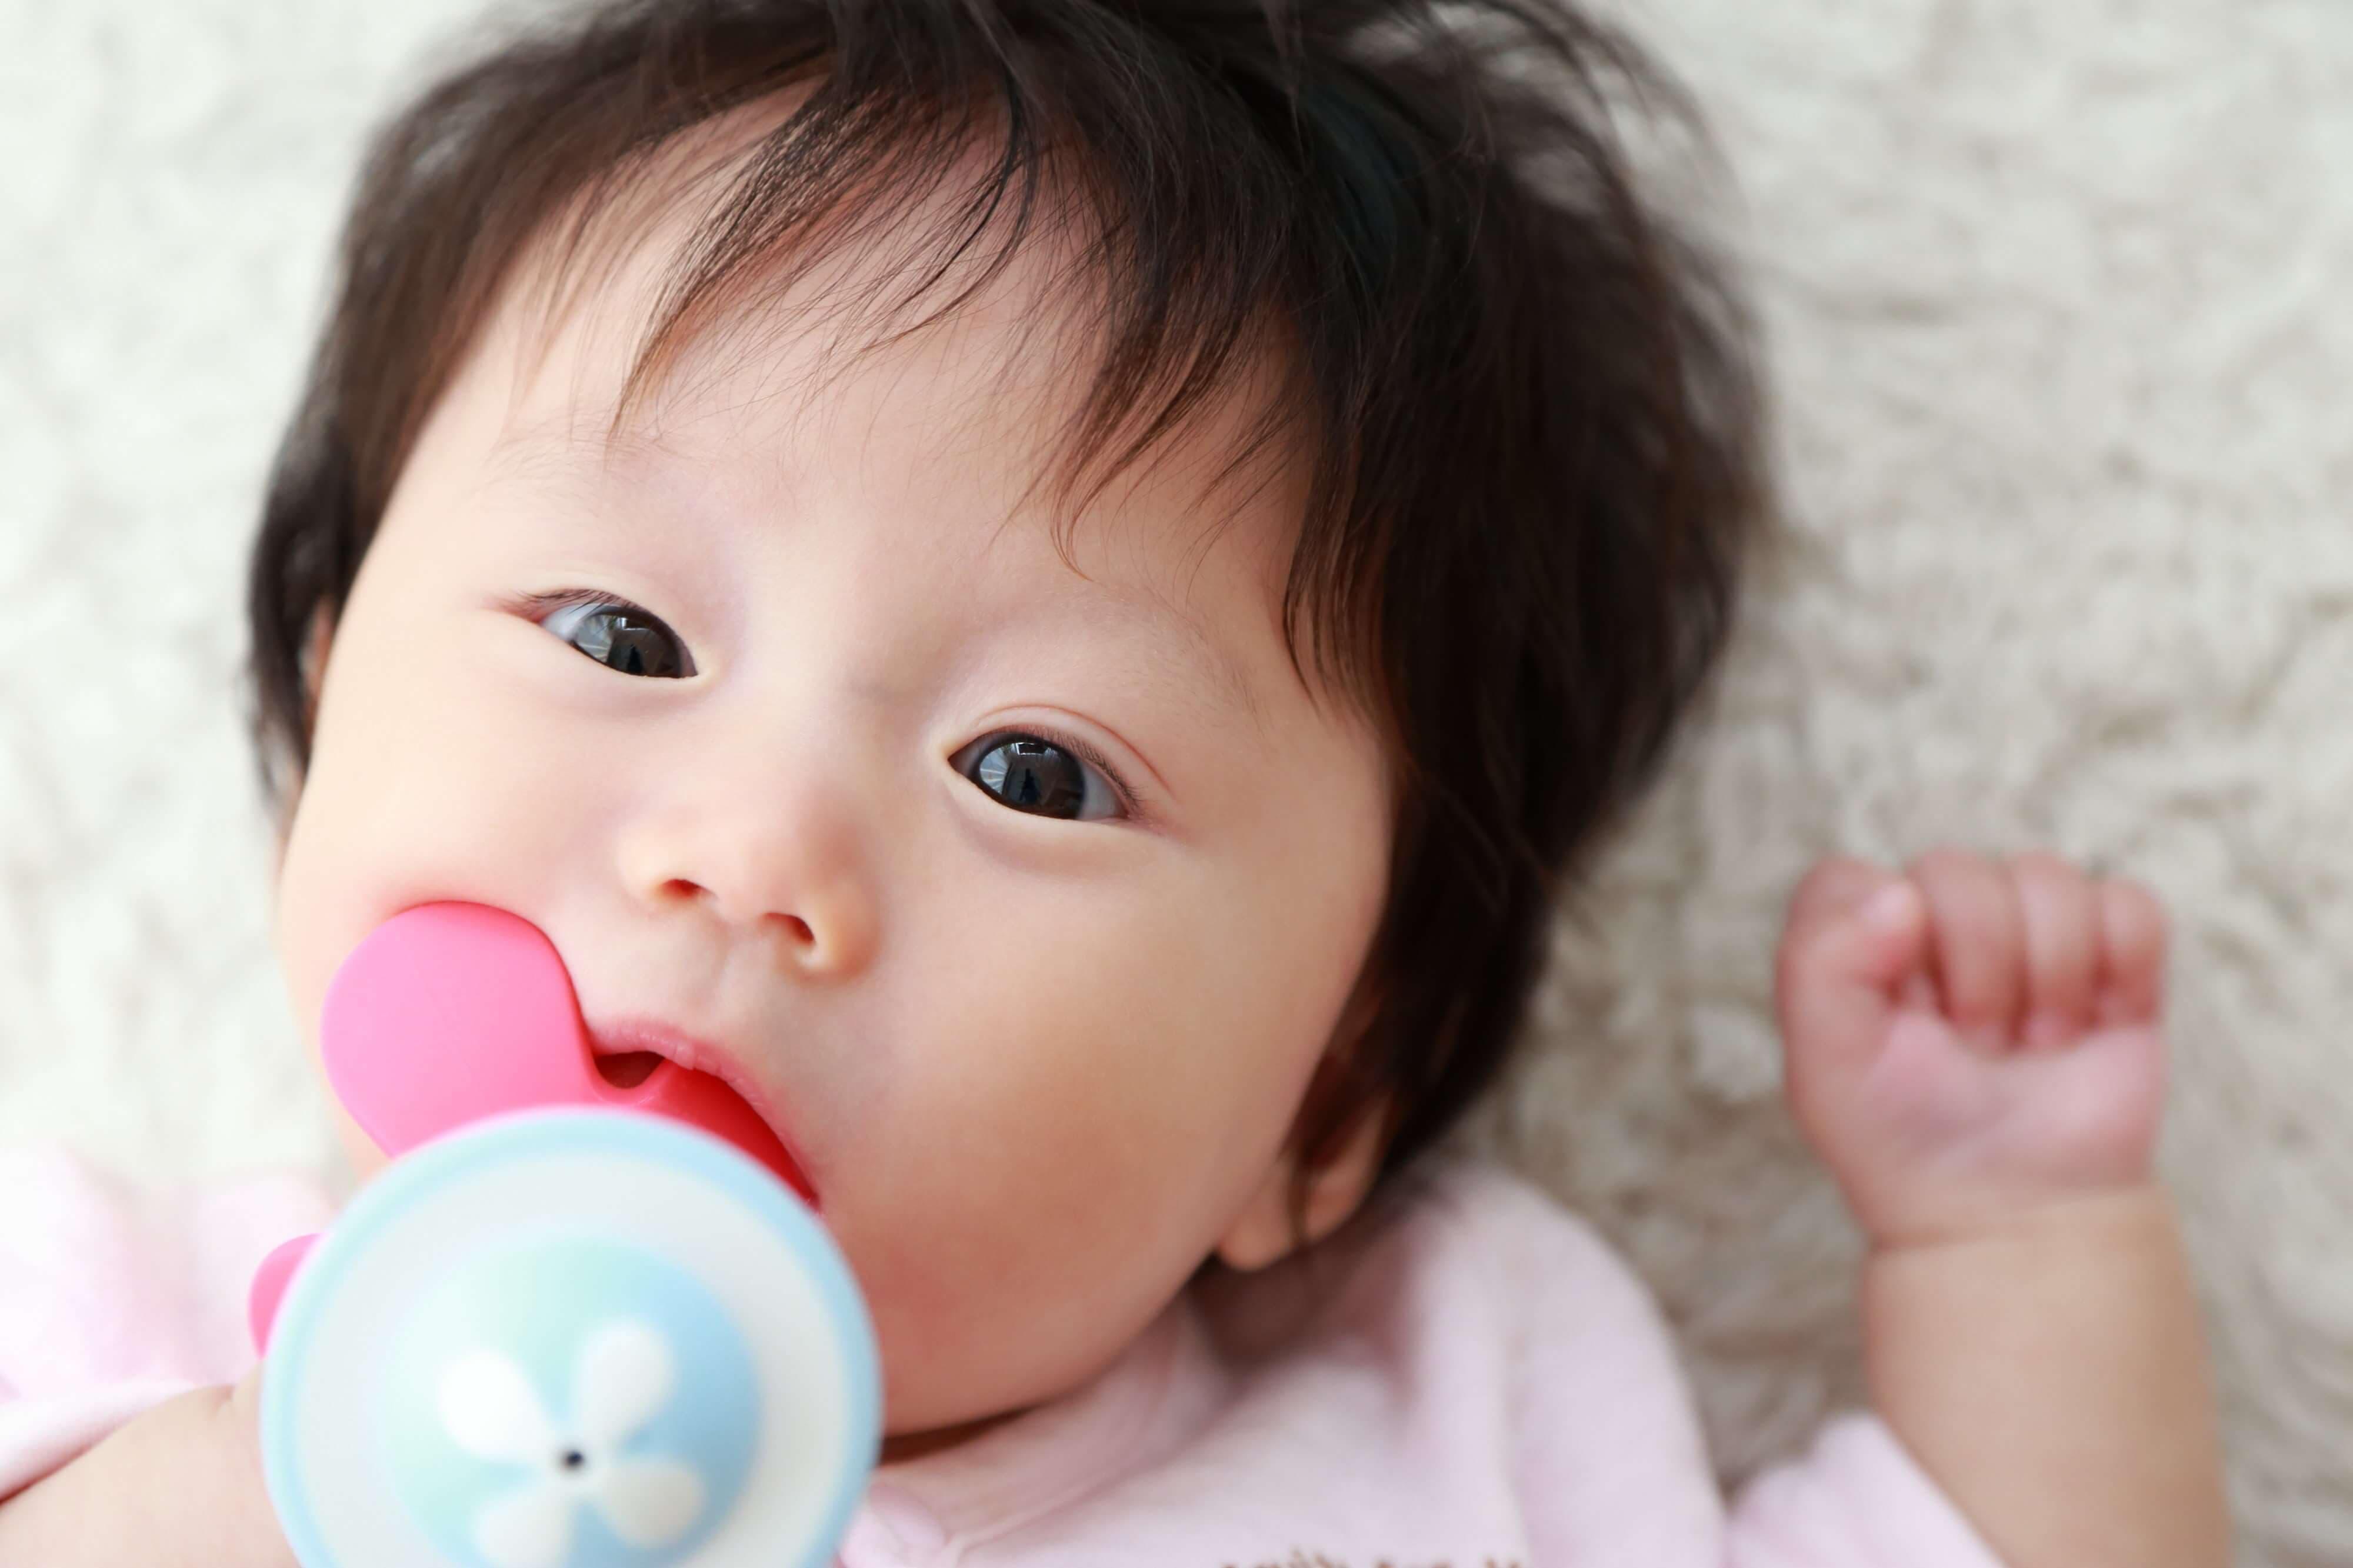 子どもの歯並びに影響?おしゃぶりを使うメリット・デメリット